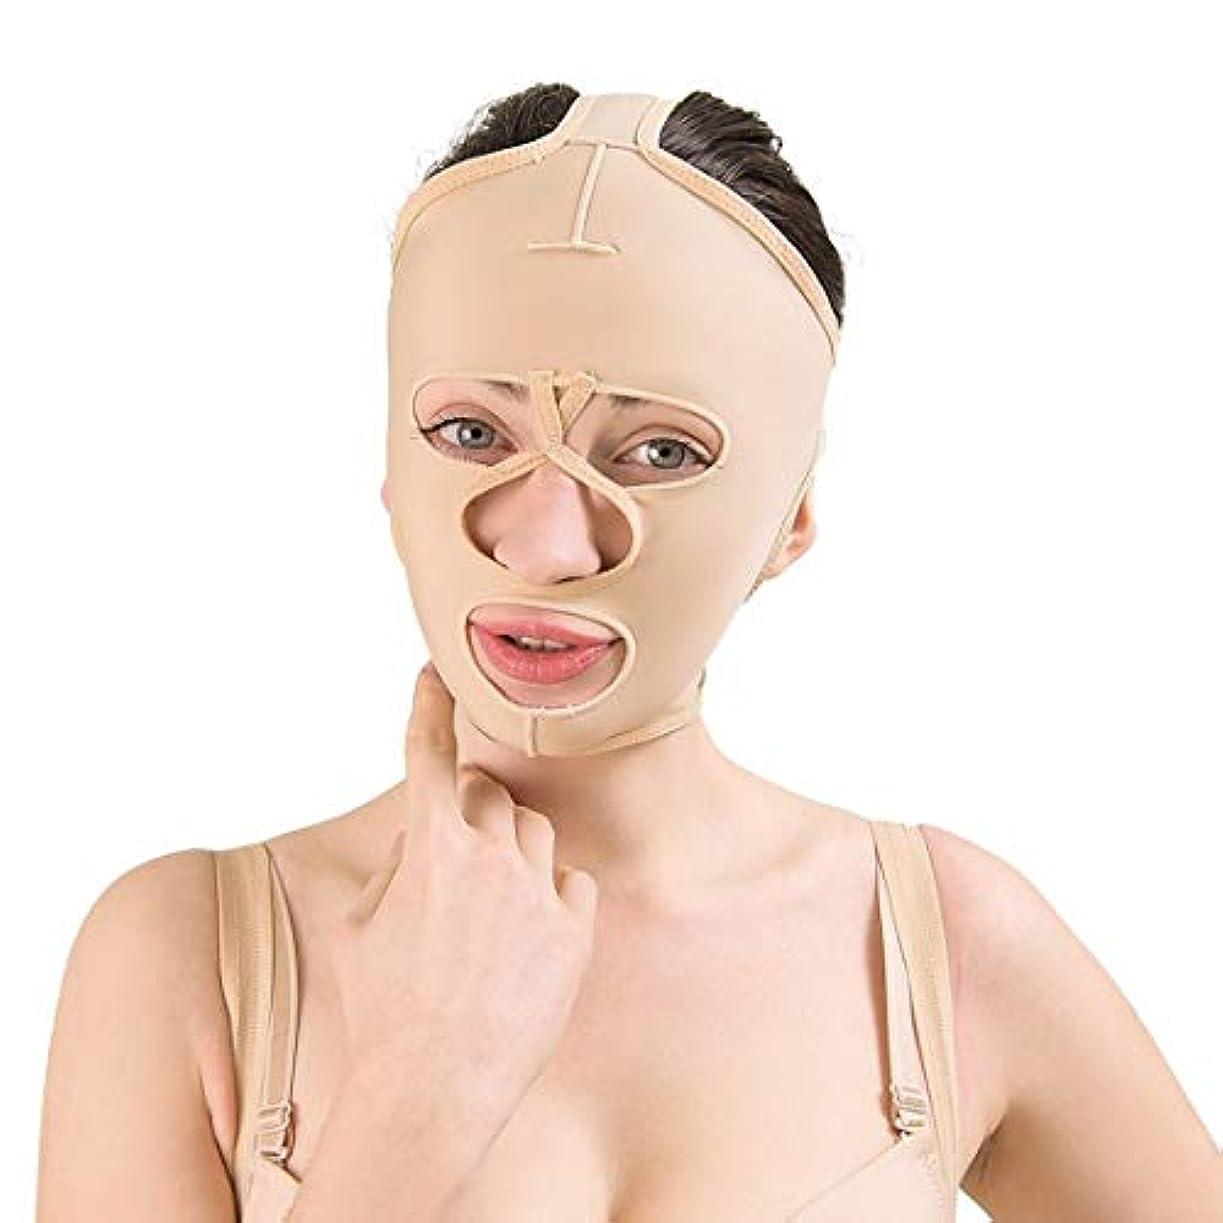 プラカード分冊子ZWBD フェイスマスク, フェイスリフト包帯医療弾性スリーブ顔面下顎形成外科術後圧縮下顎スリーブ補助修復マスクしわを削除する (Size : S)